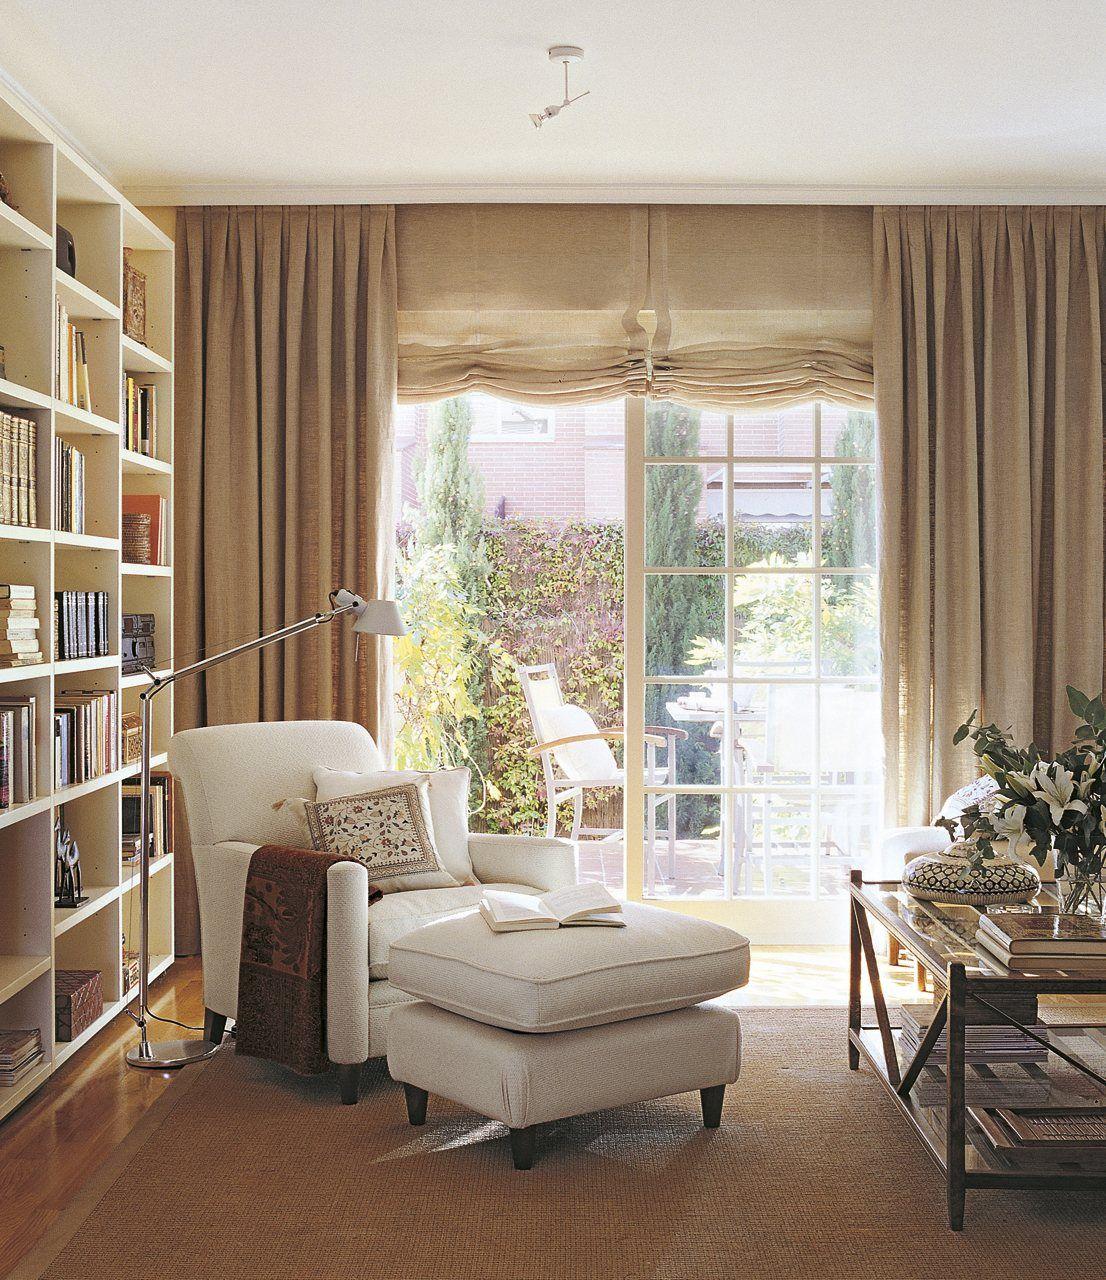 Cortinas y estores combinados buscar con google cortinas pinterest estor cortinas y - Modelos de cortinas para salon ...